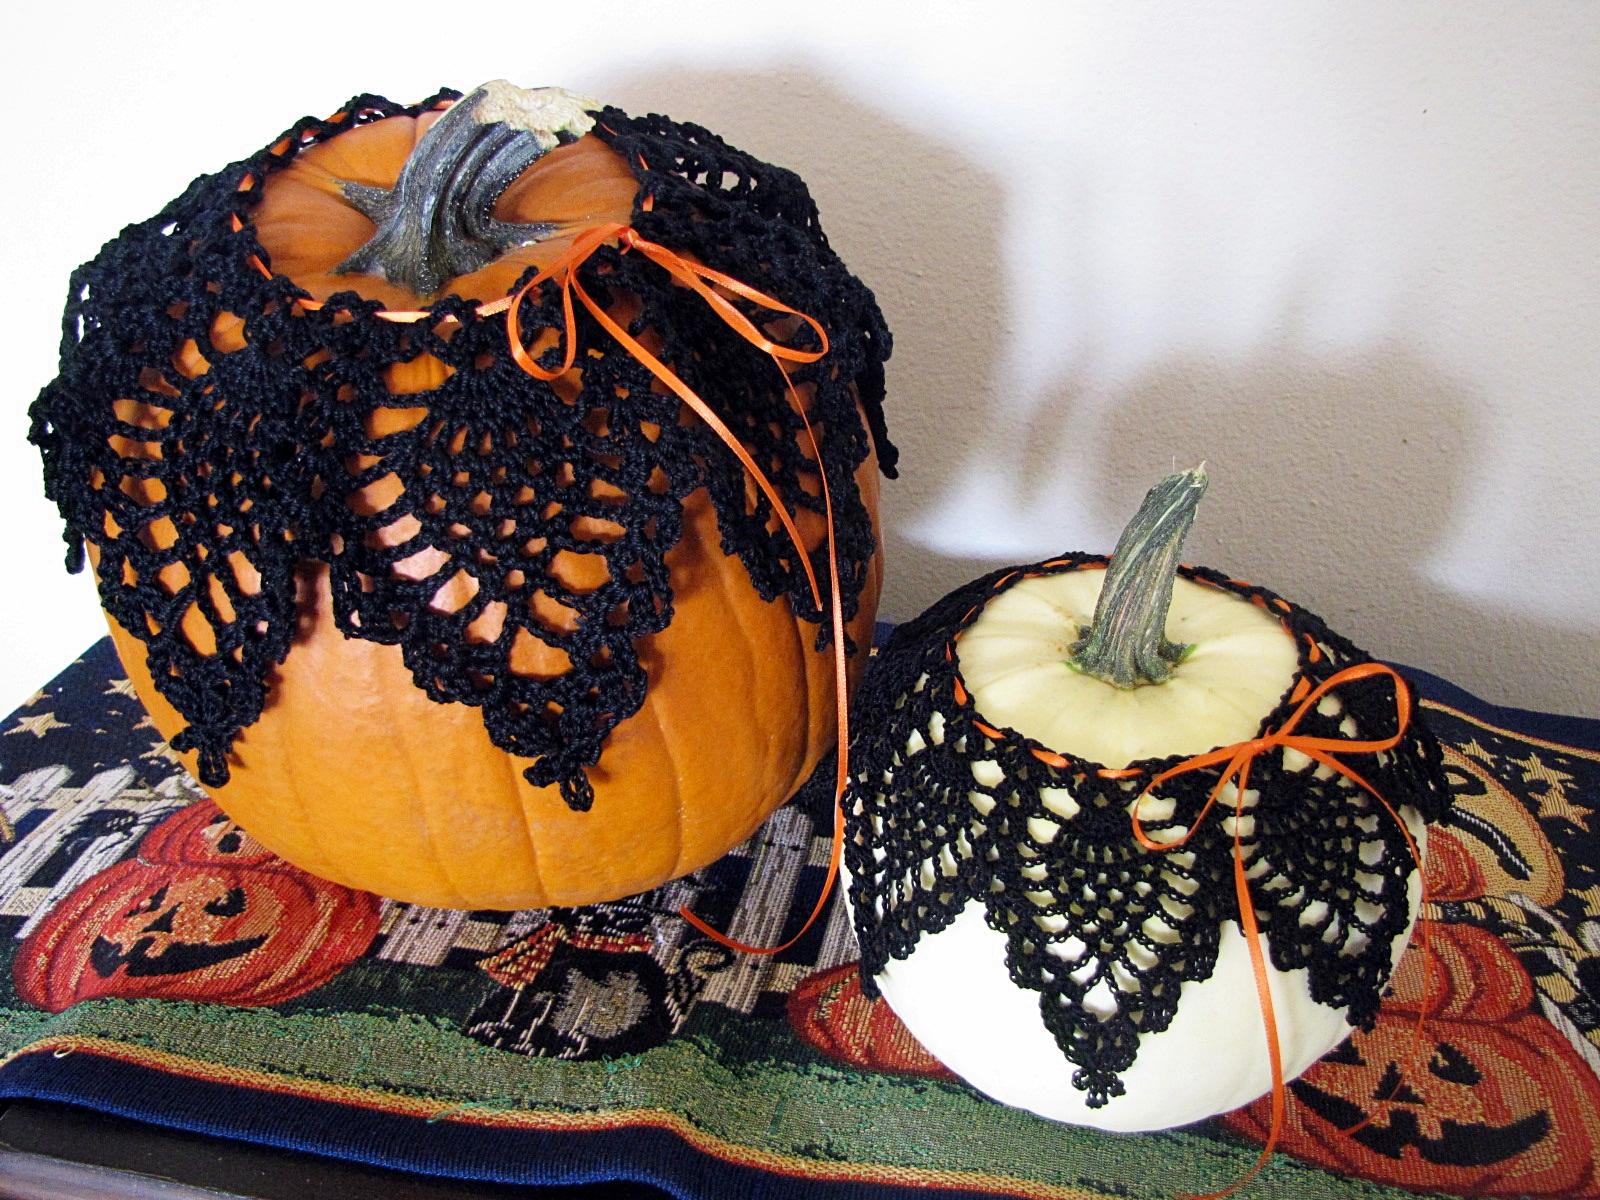 Bellacrochet Pineapple Pumpkin Lace A Free Crochet Pattern For You